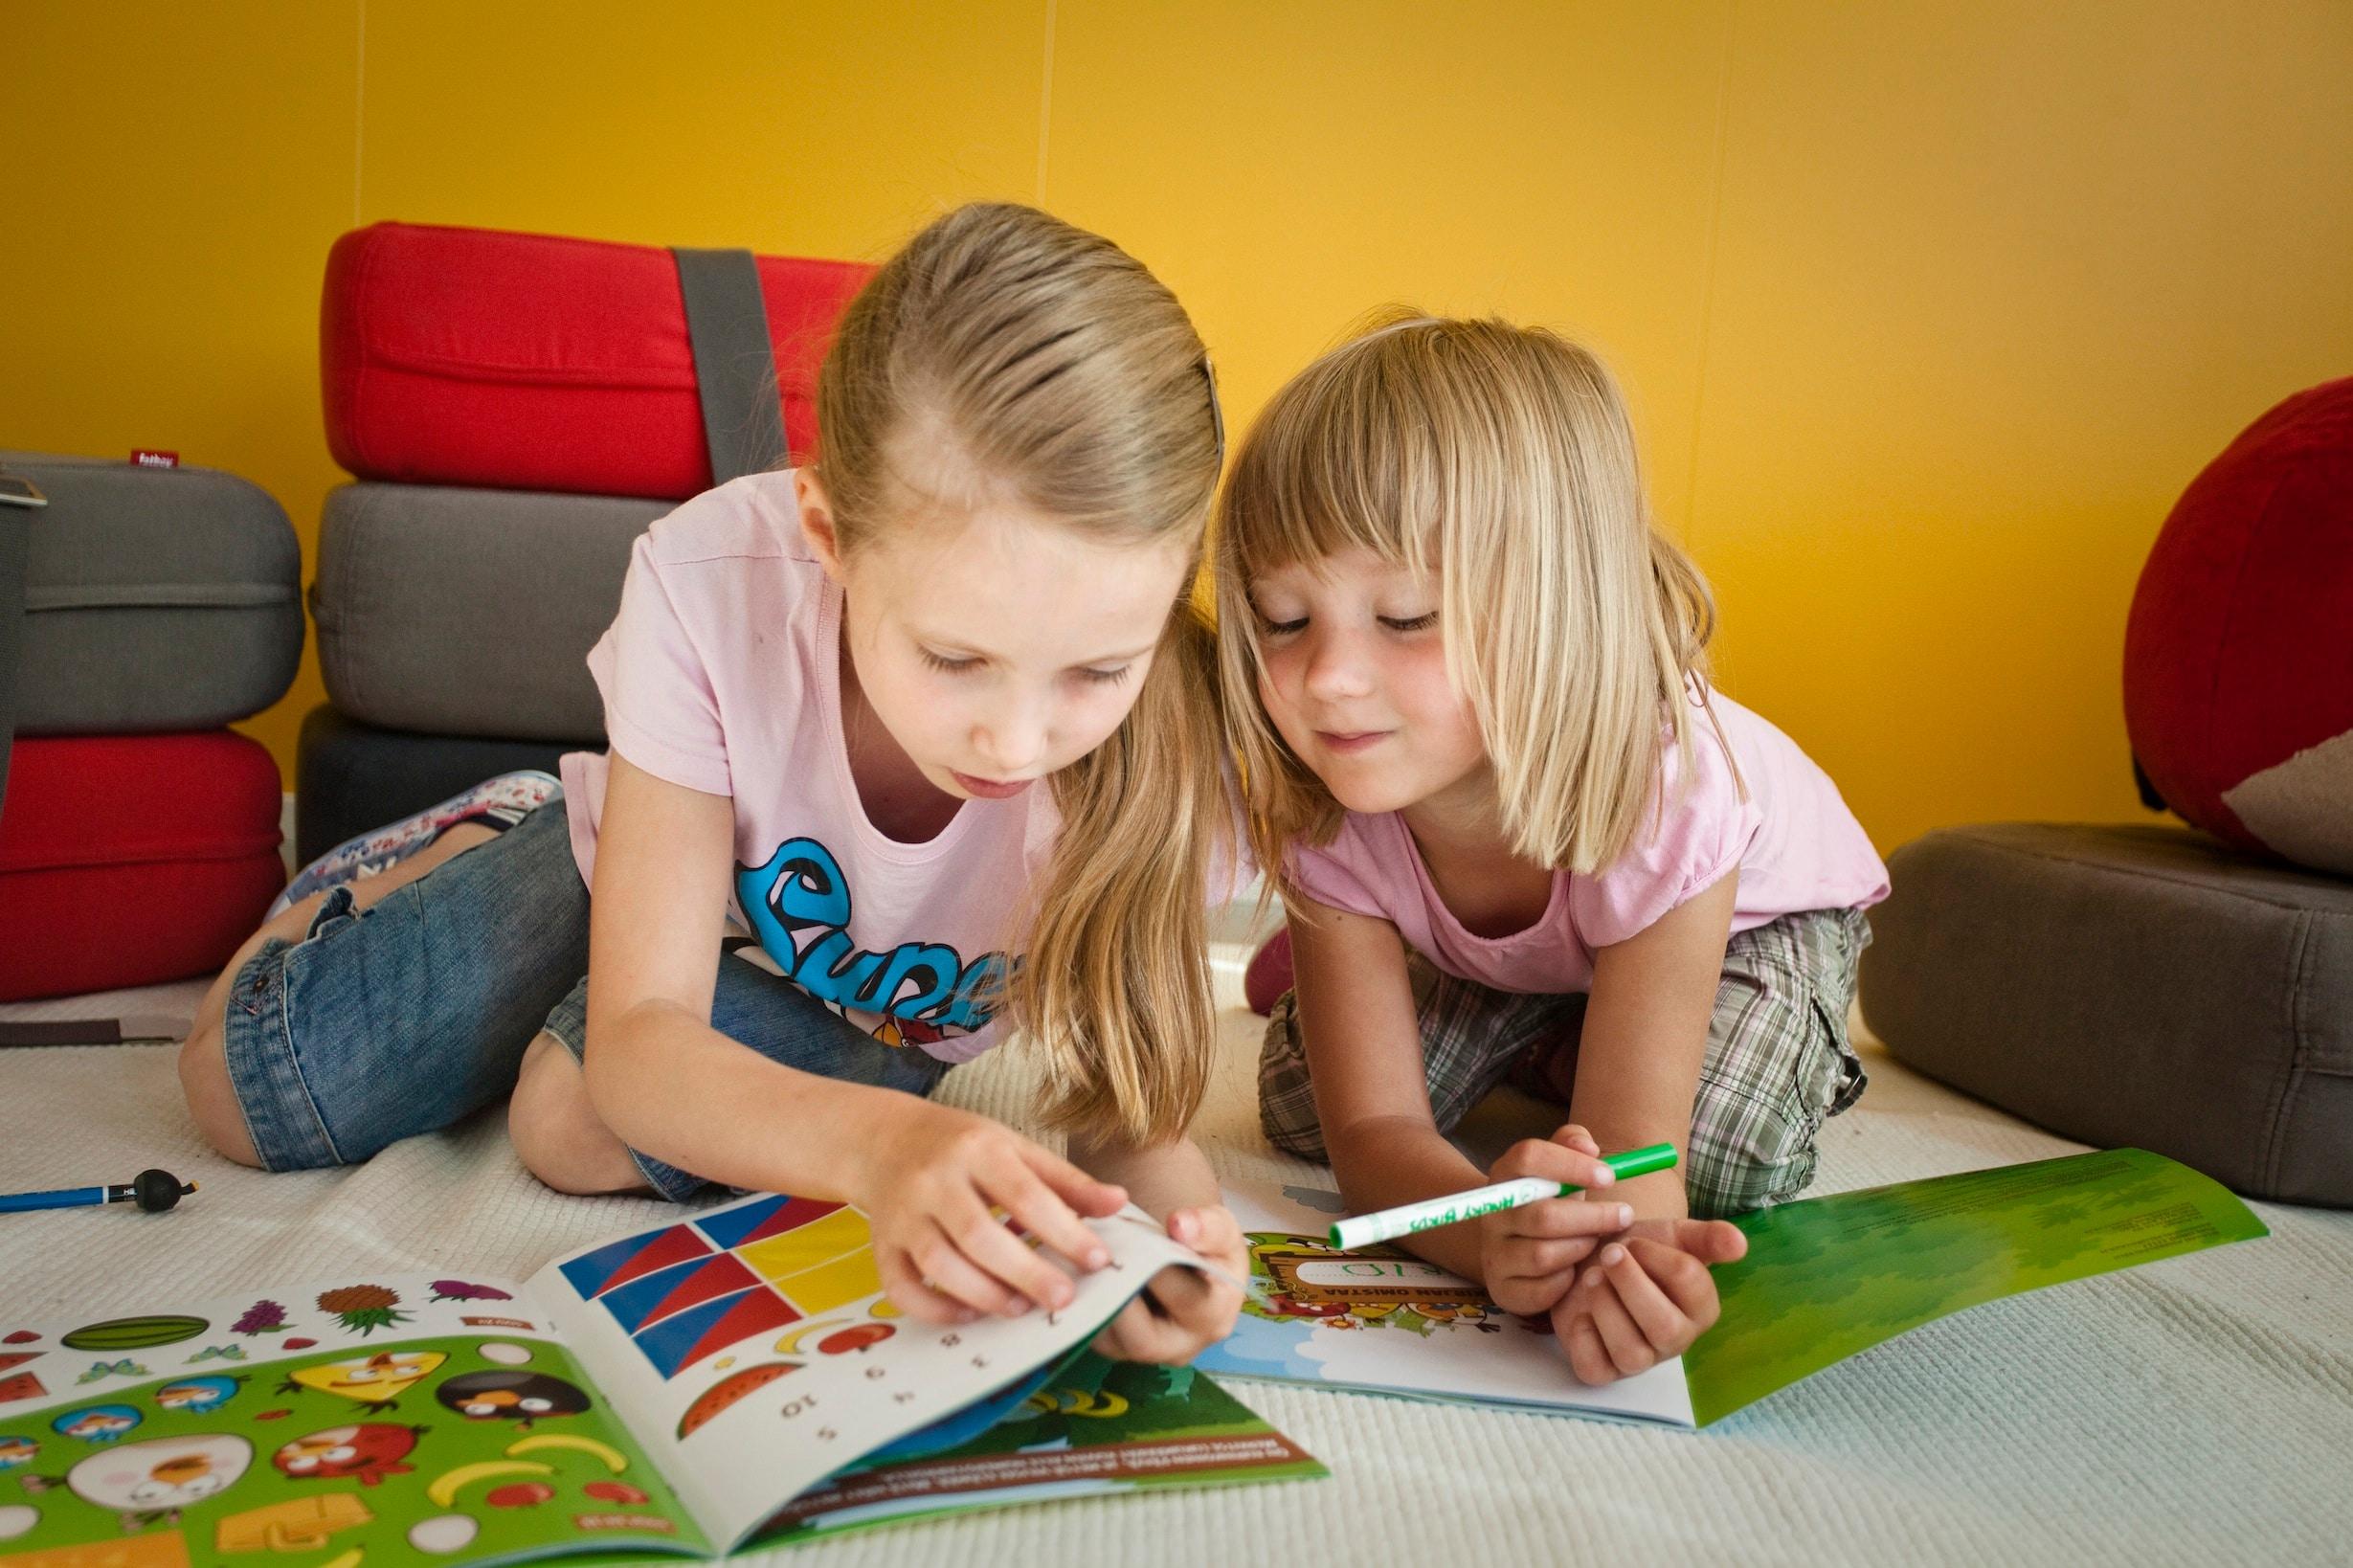 Angry Birds Creator Develops Preschool Program To